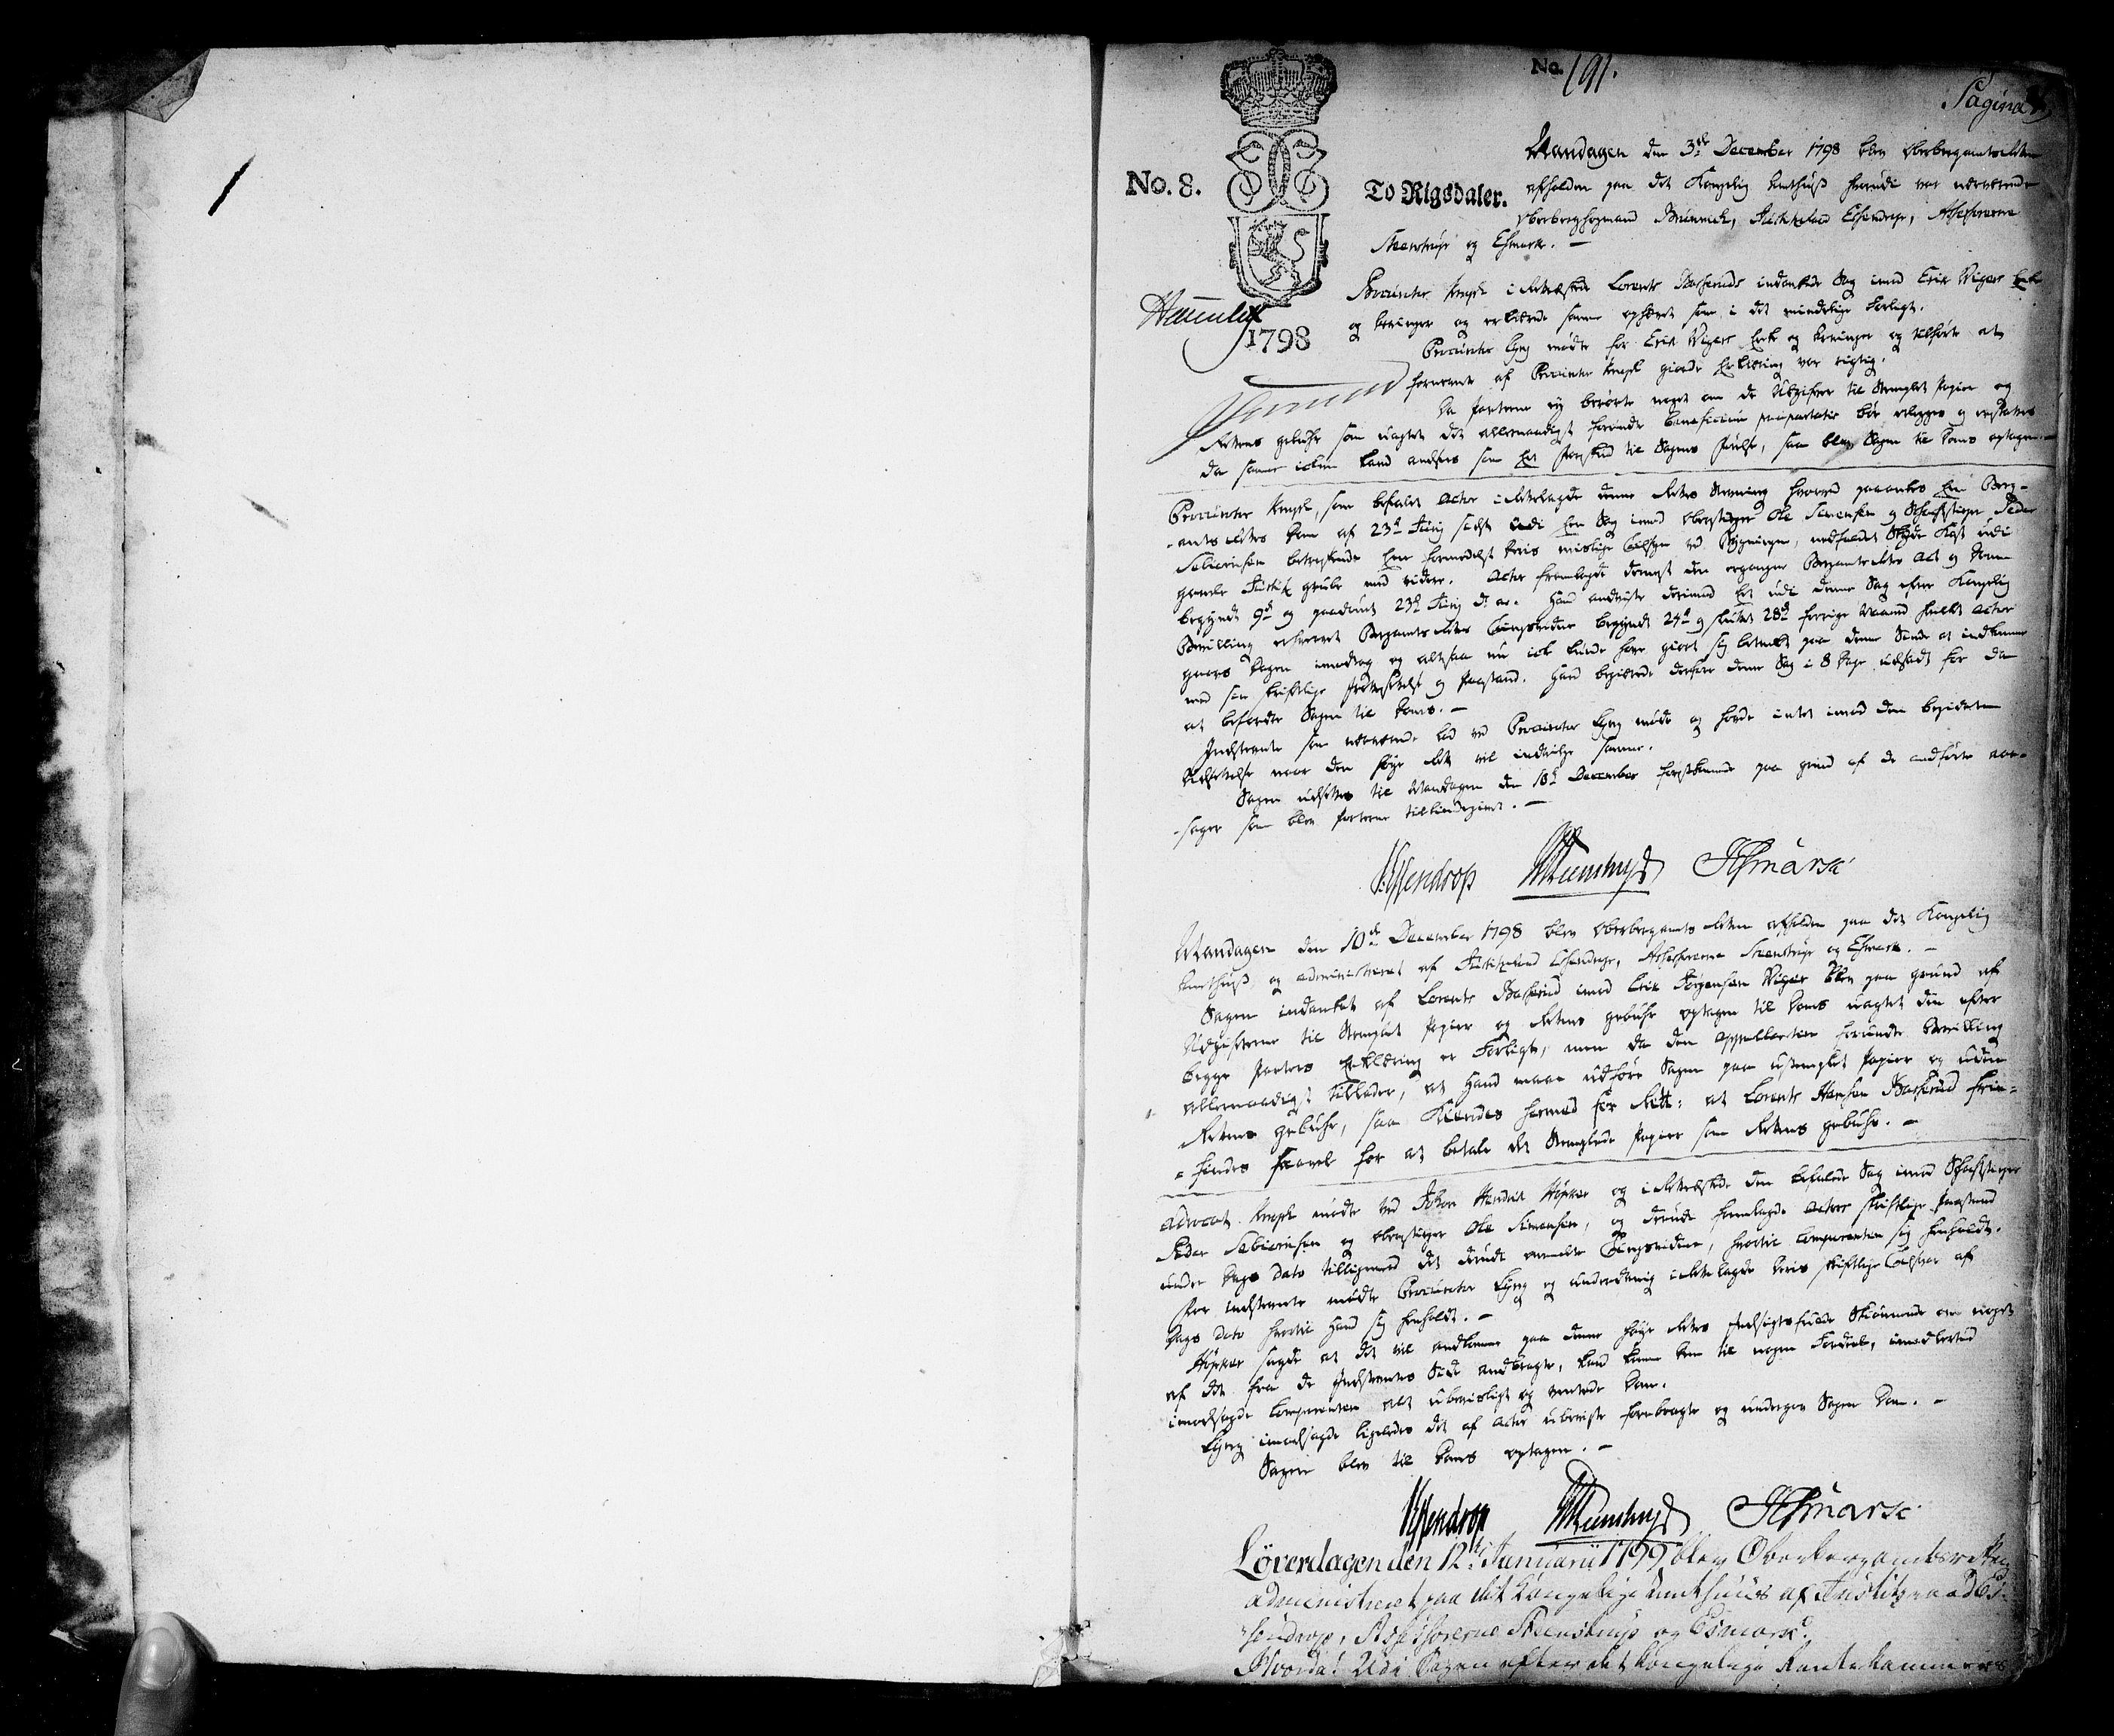 RA, Overbergamtet 1621-1830, K/Ka/L0006: Rettsprotokoll, 1798-1824, s. 0-1